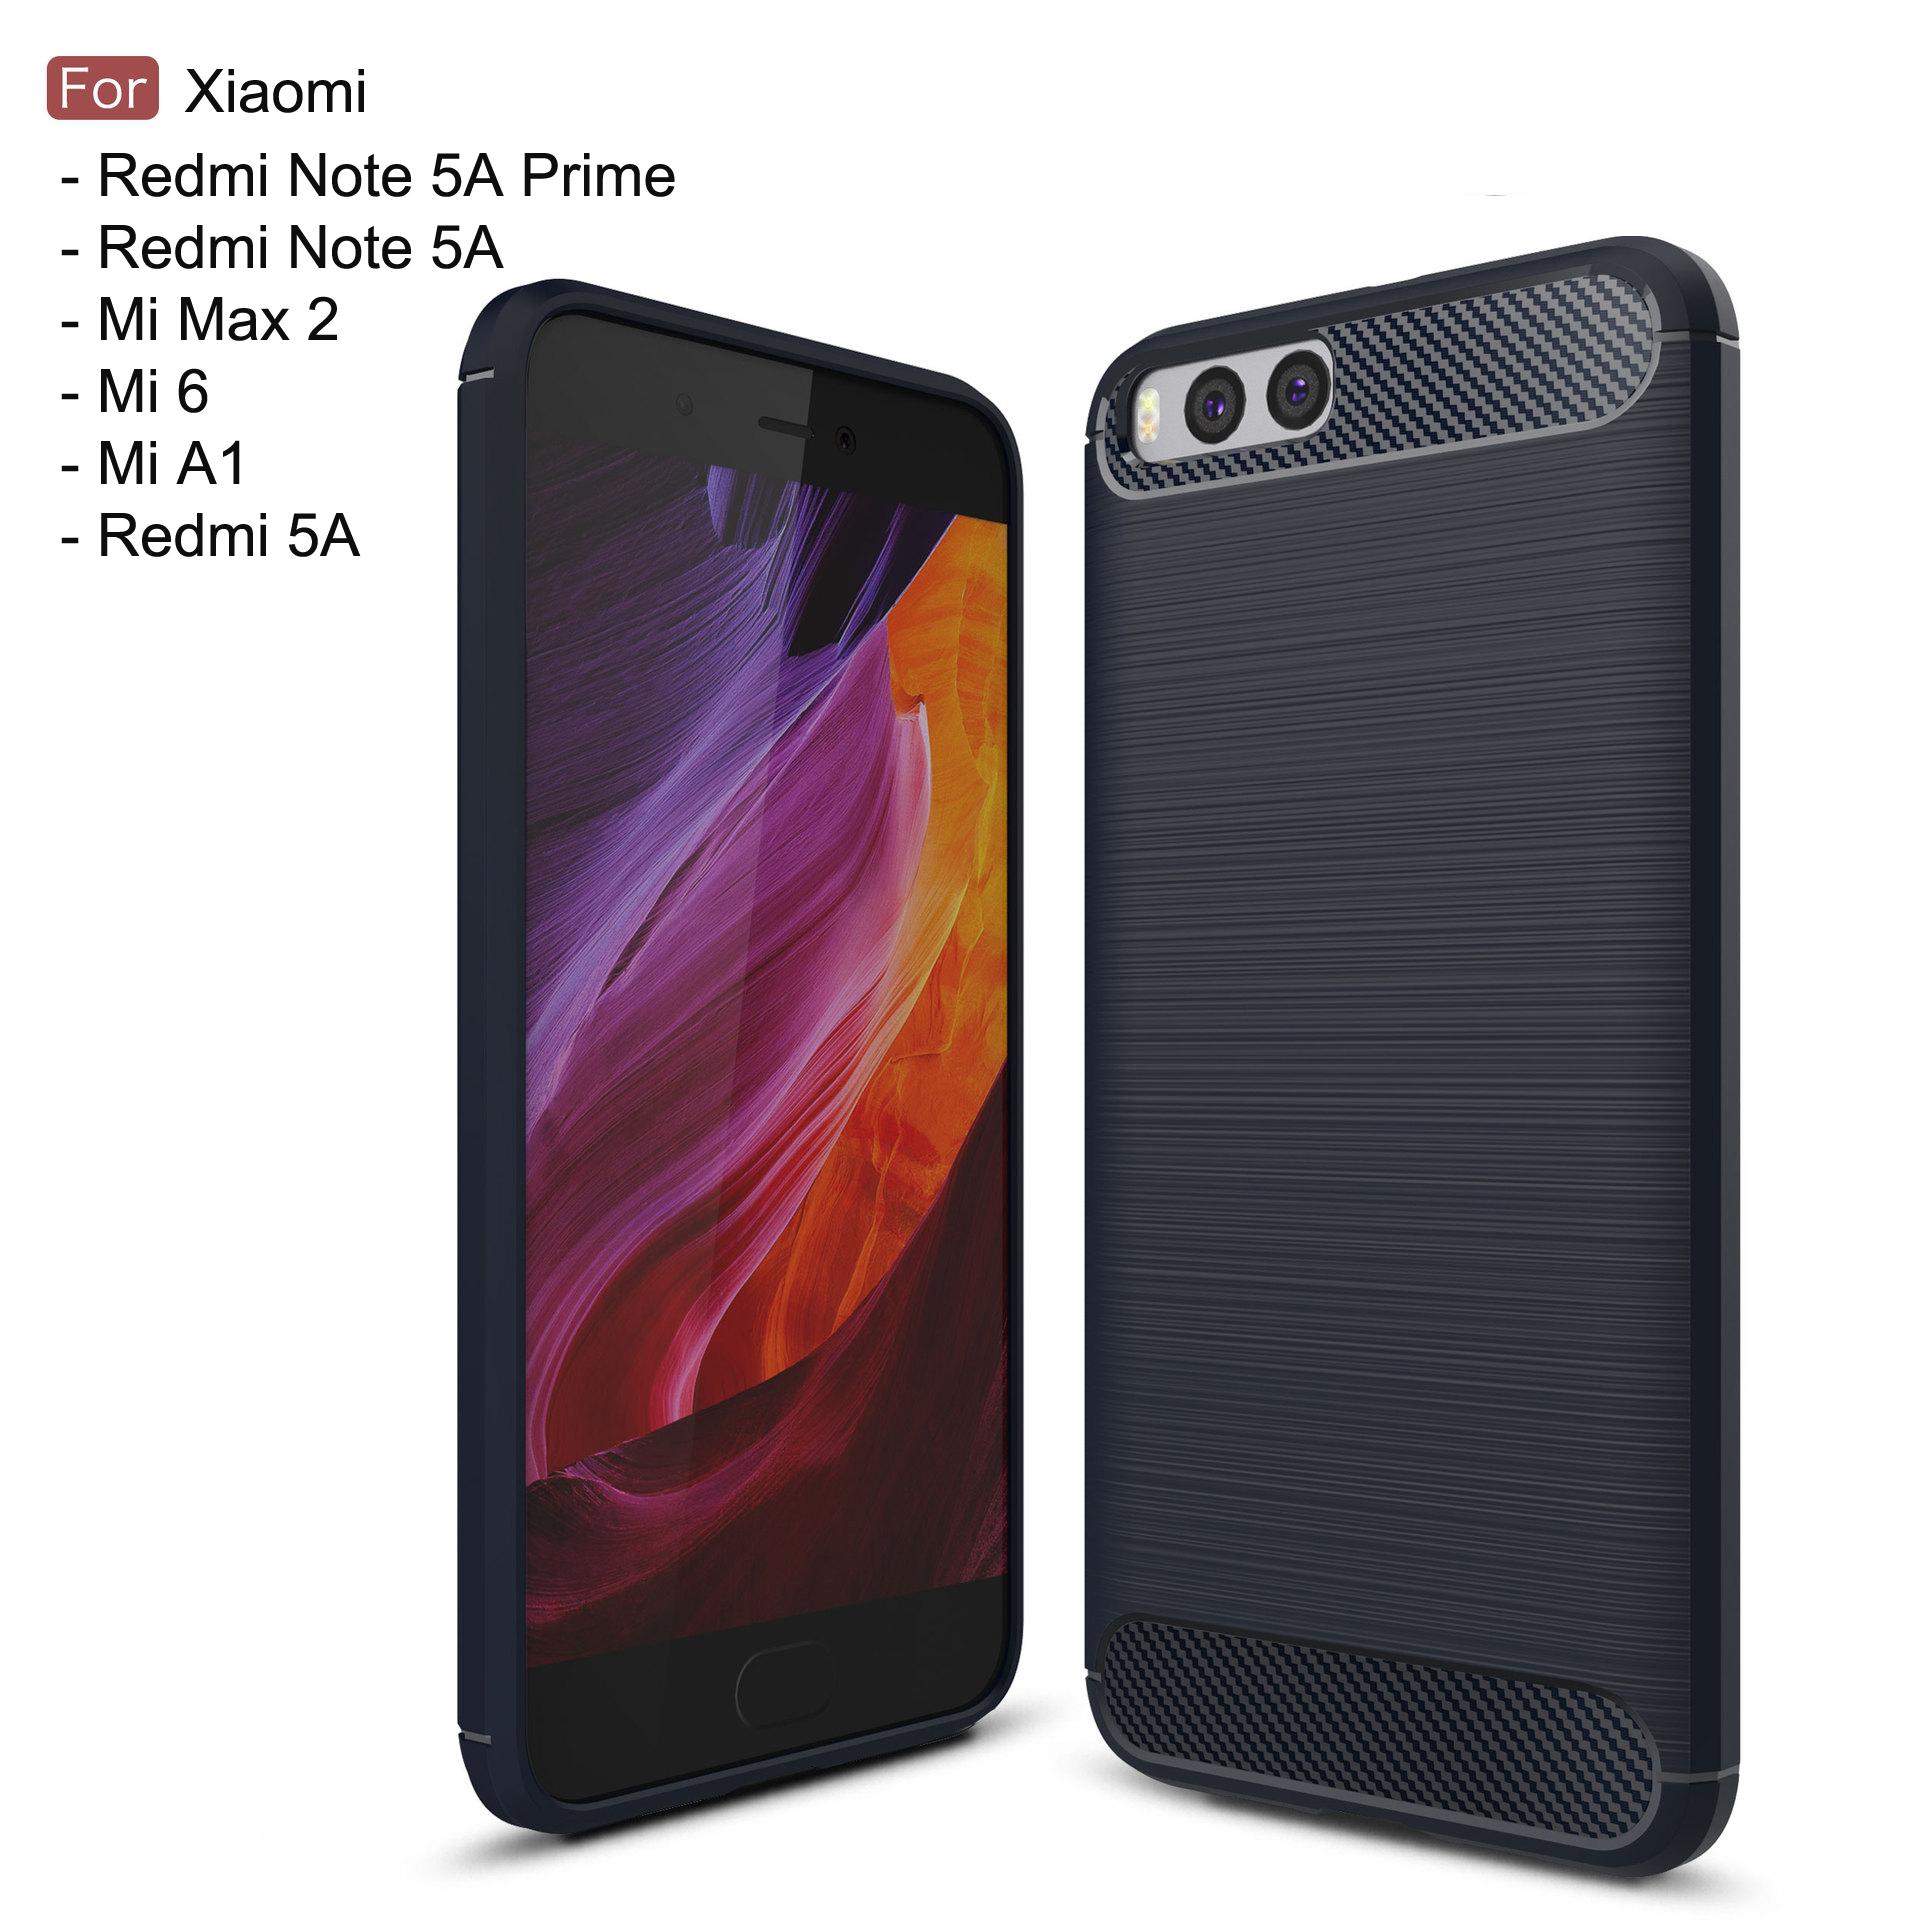 super popular d752c db7a8 Xiaomi Mi A1 Max 2 Mi 6 Redmi Note 5A Prime Redmi 5A TPU Soft Case Cov